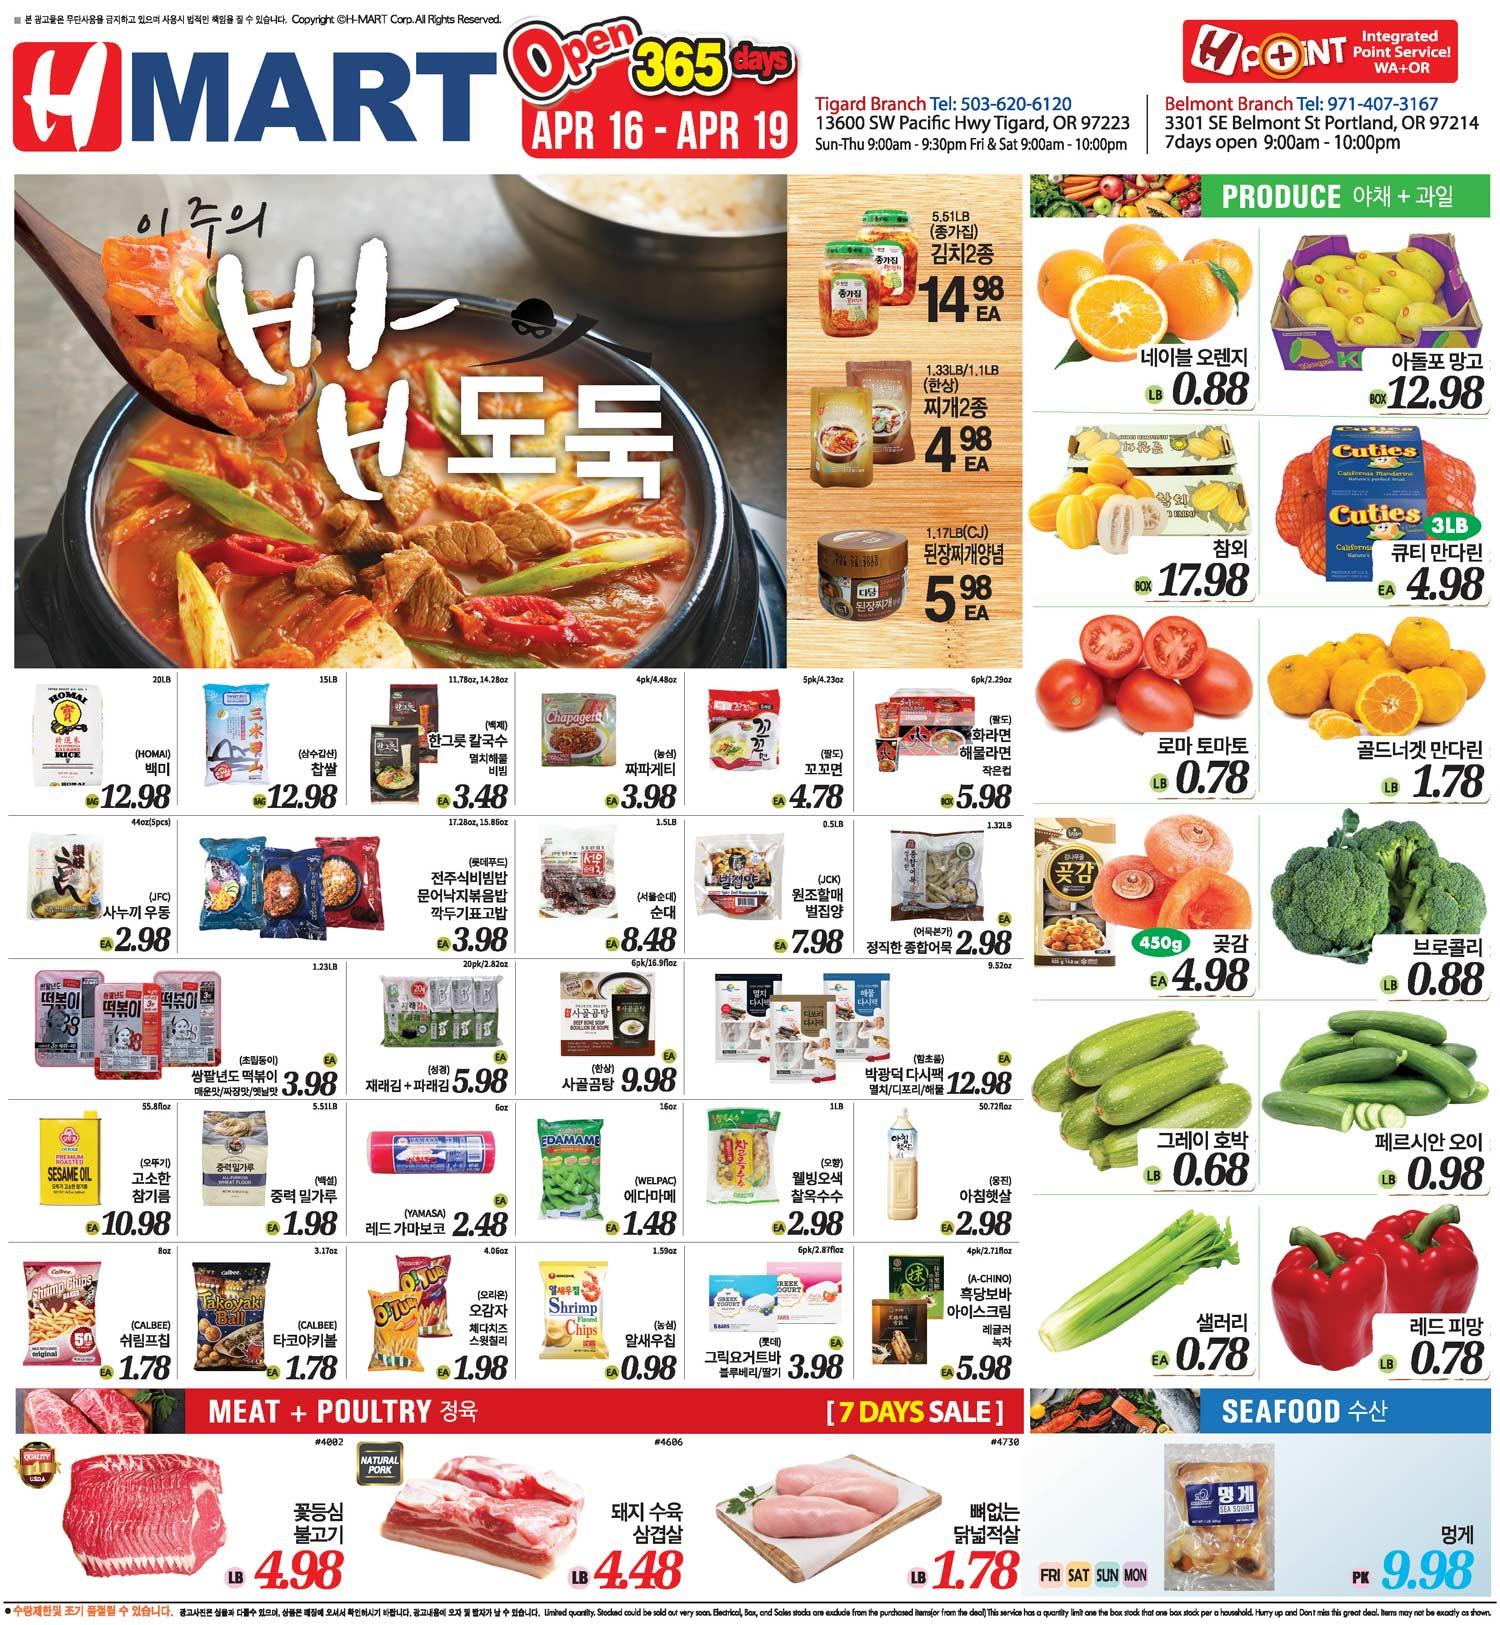 Hmart Portland Weekly Ad - Tigard 04-16-2021